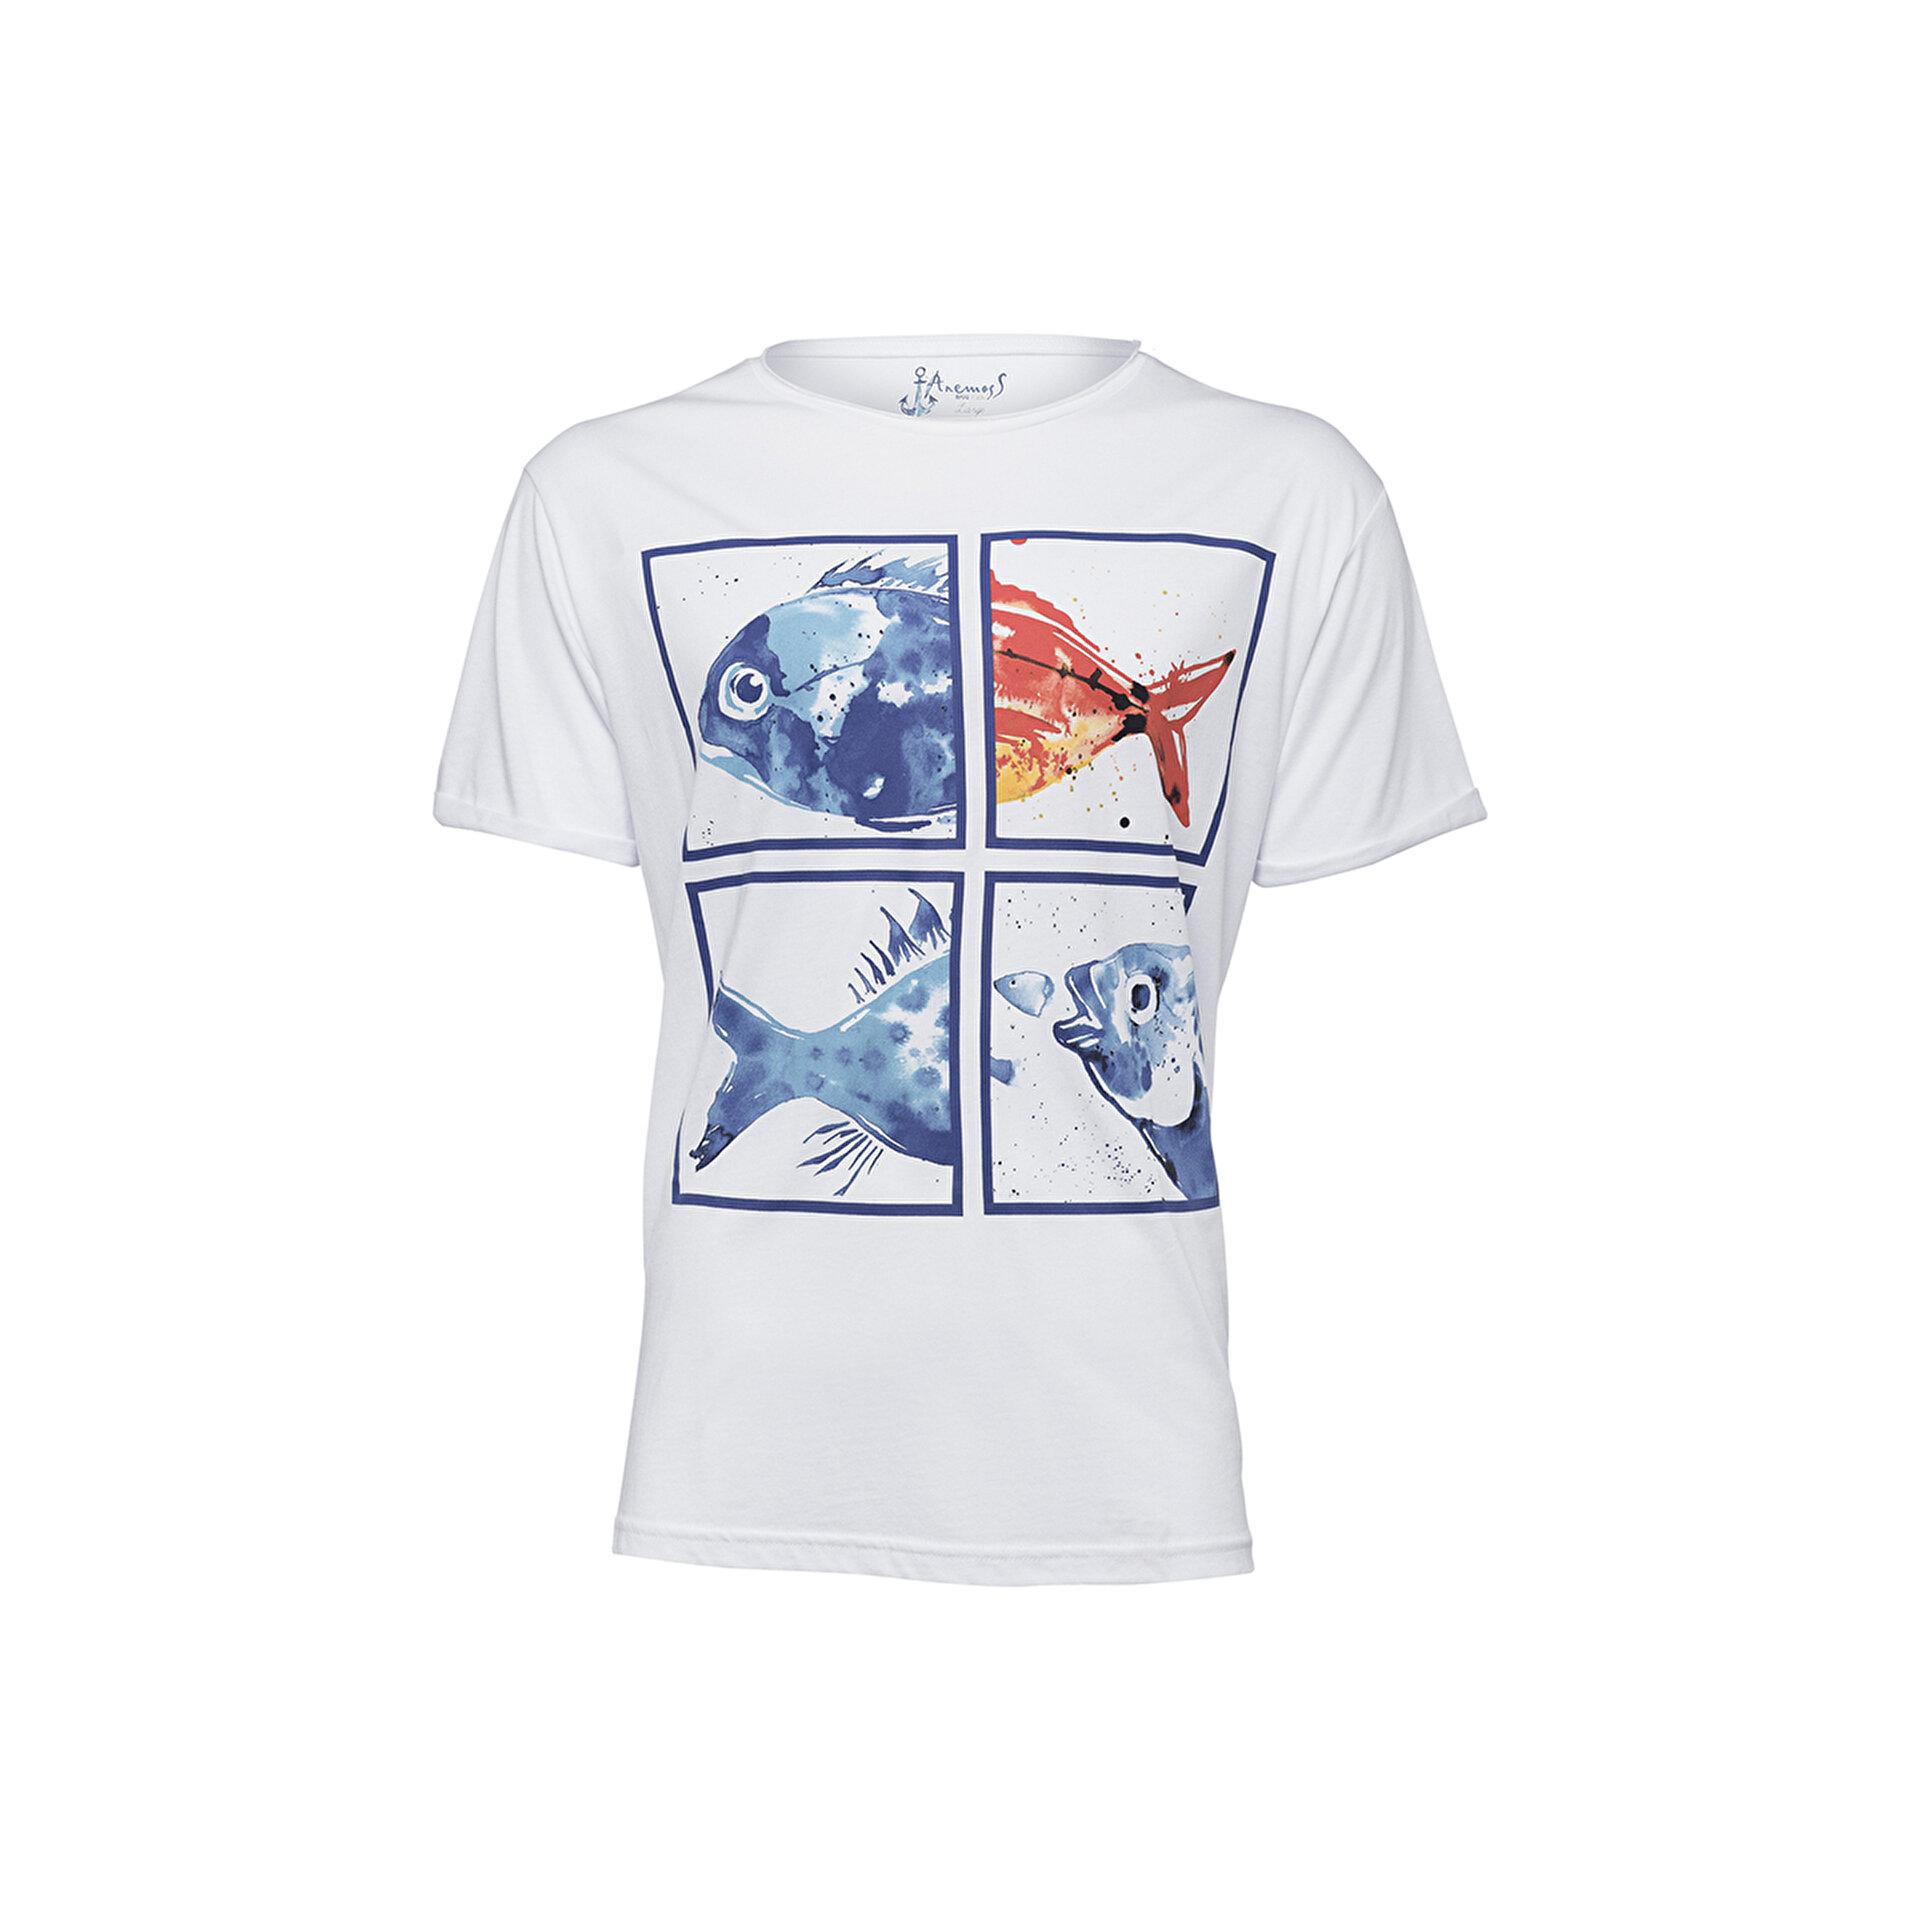 Picture of Biggdesign AnemosS Akvaryum Erkek T-Shirt